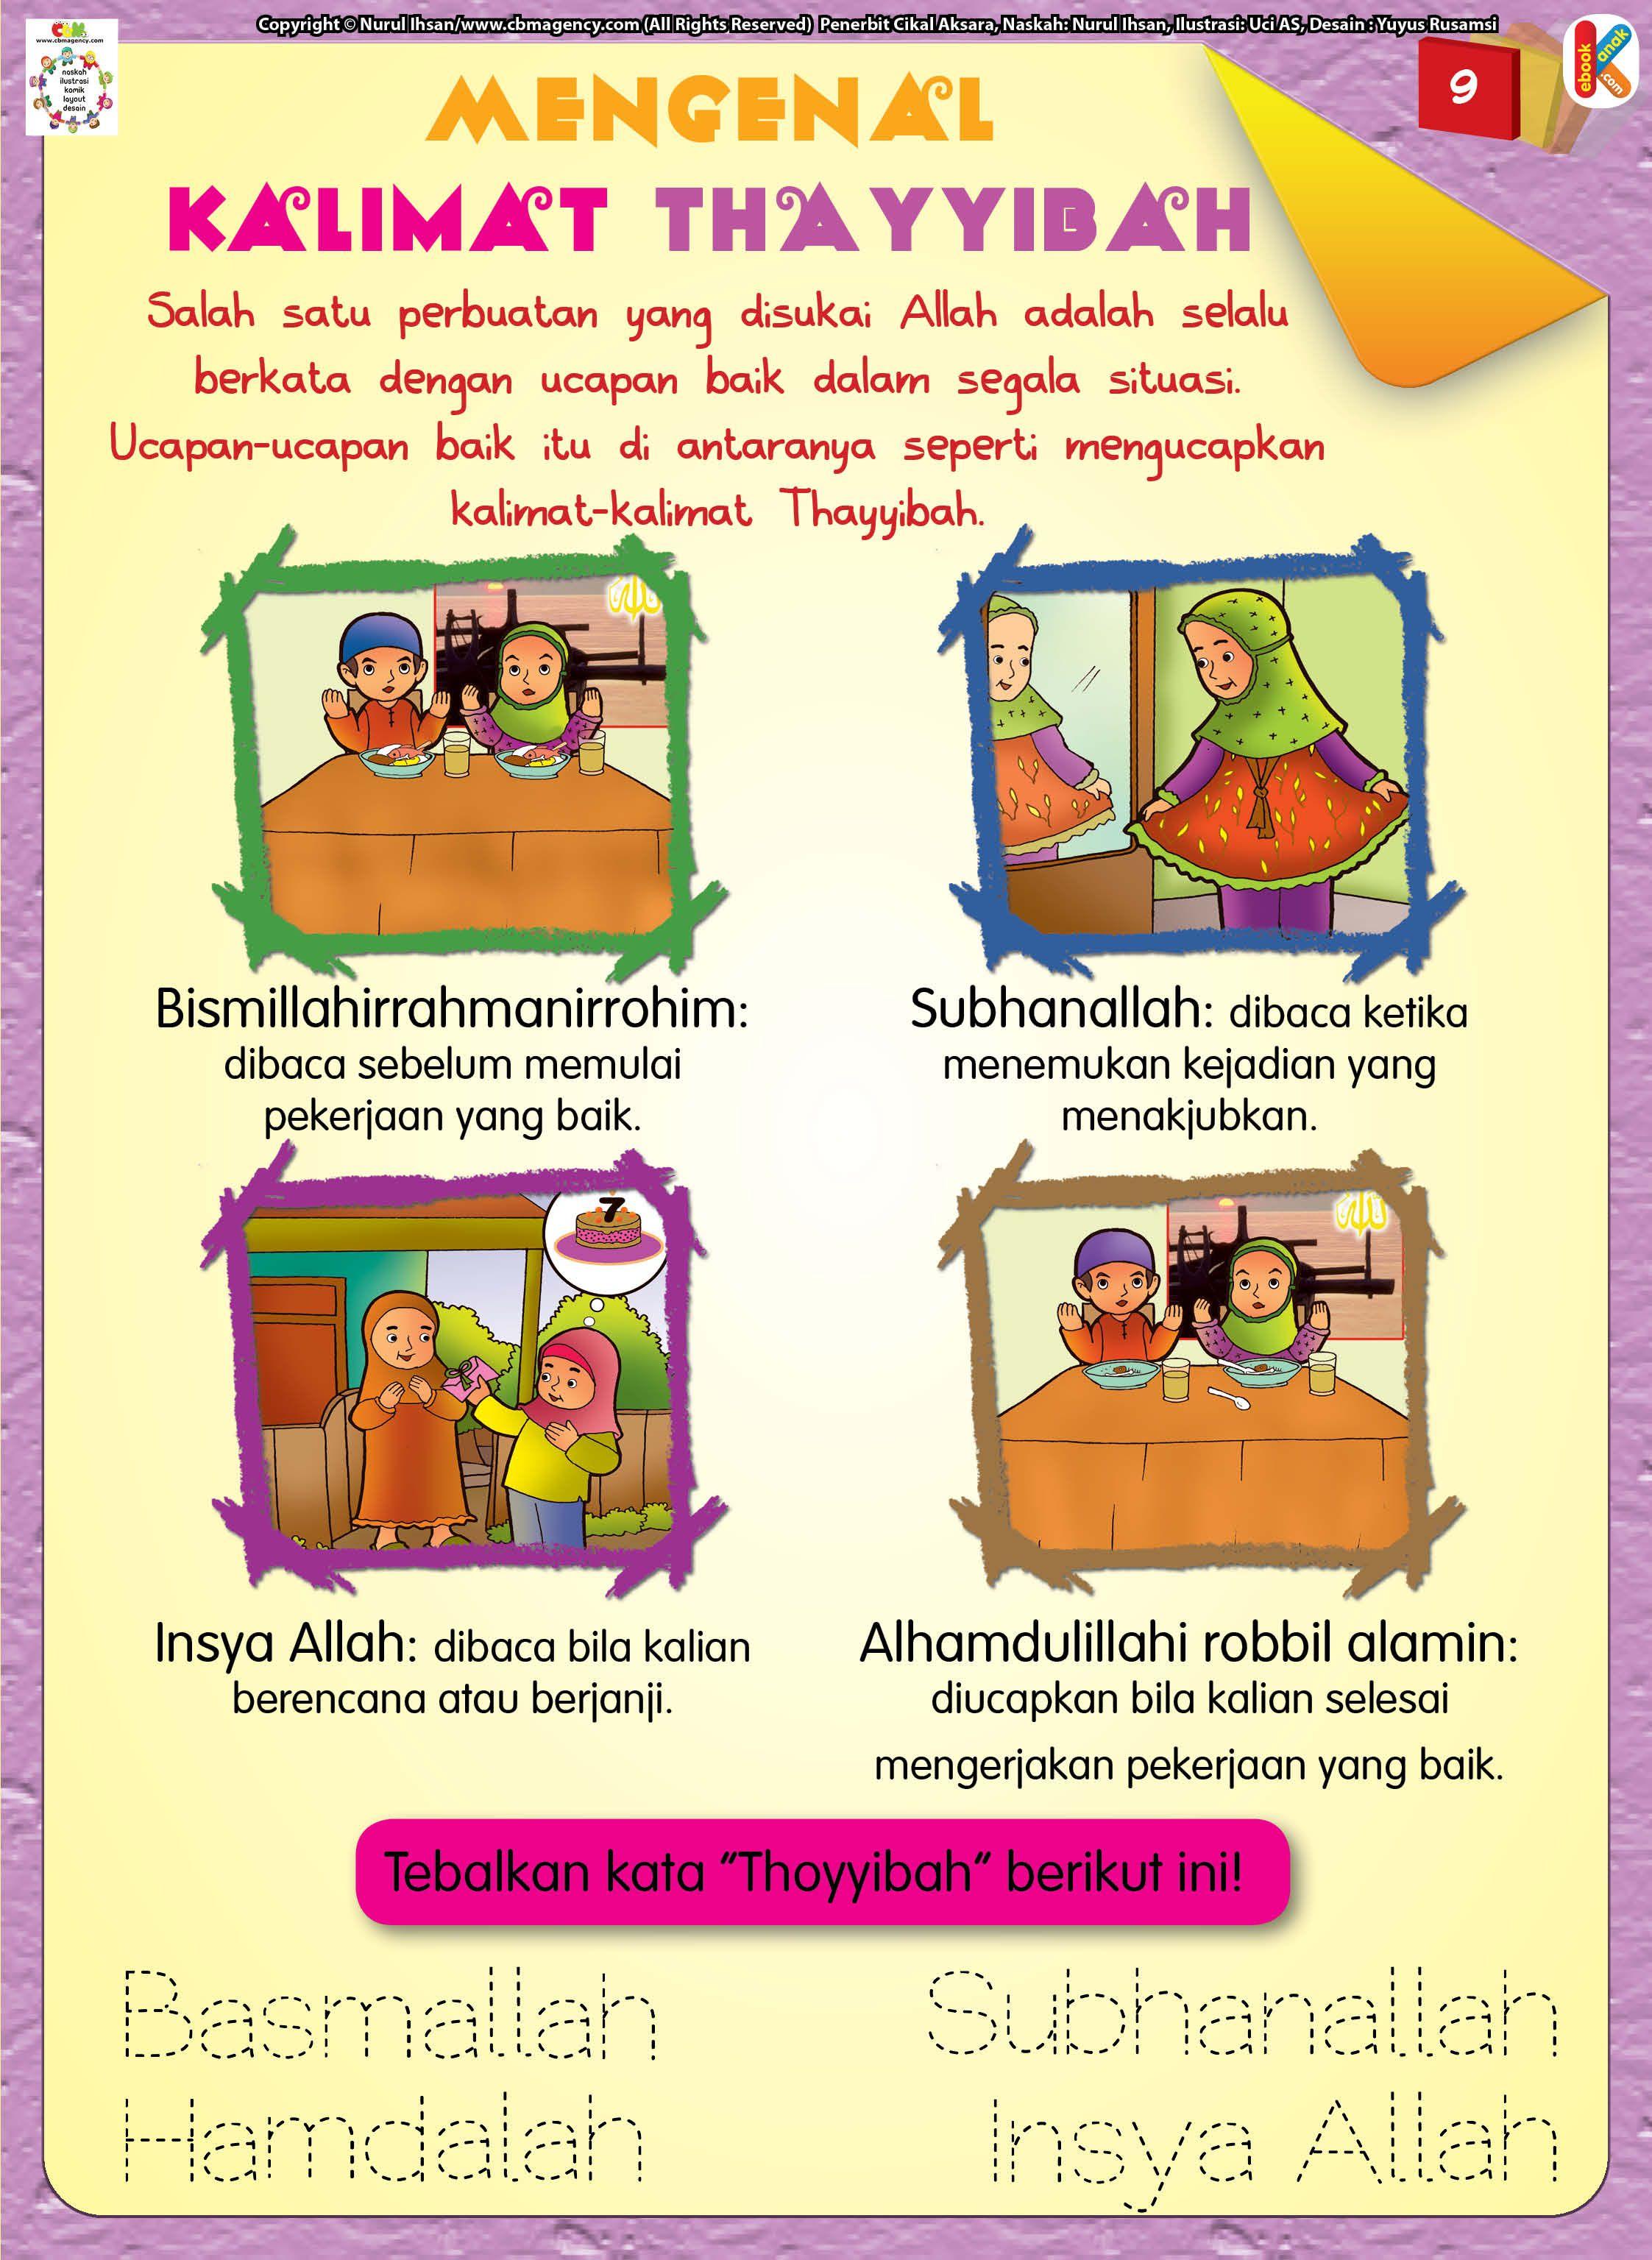 Mengenal Kalimat Thayyibah Buku Aktivitas Anak Pendidikan Dasar